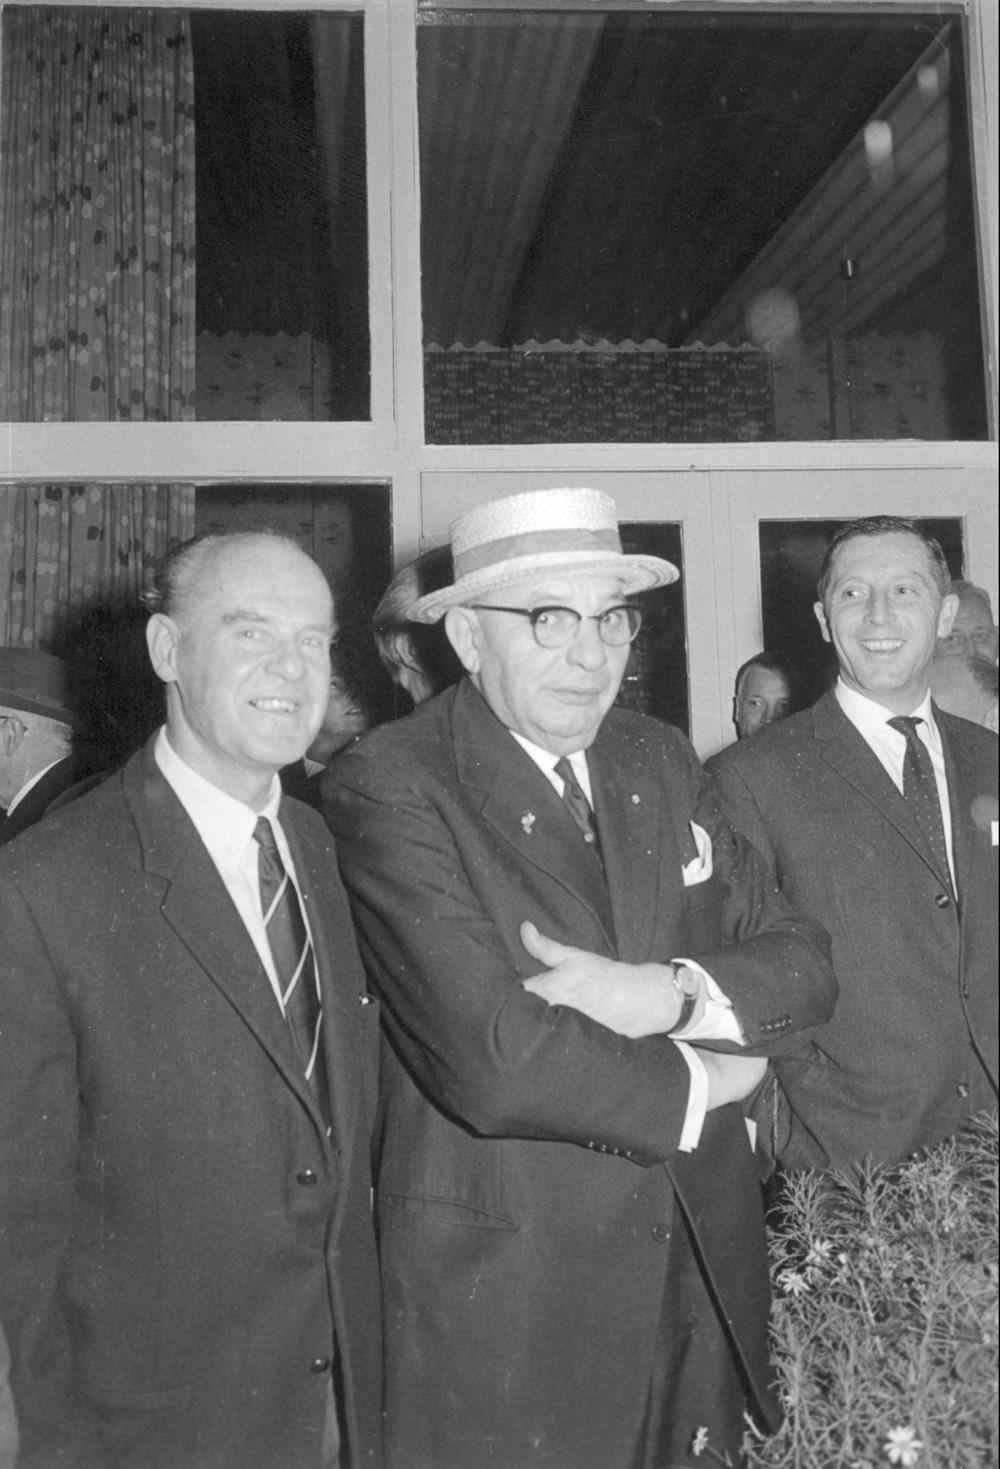 1963 Verenigingsleven Reünie 70-jarig bestaan